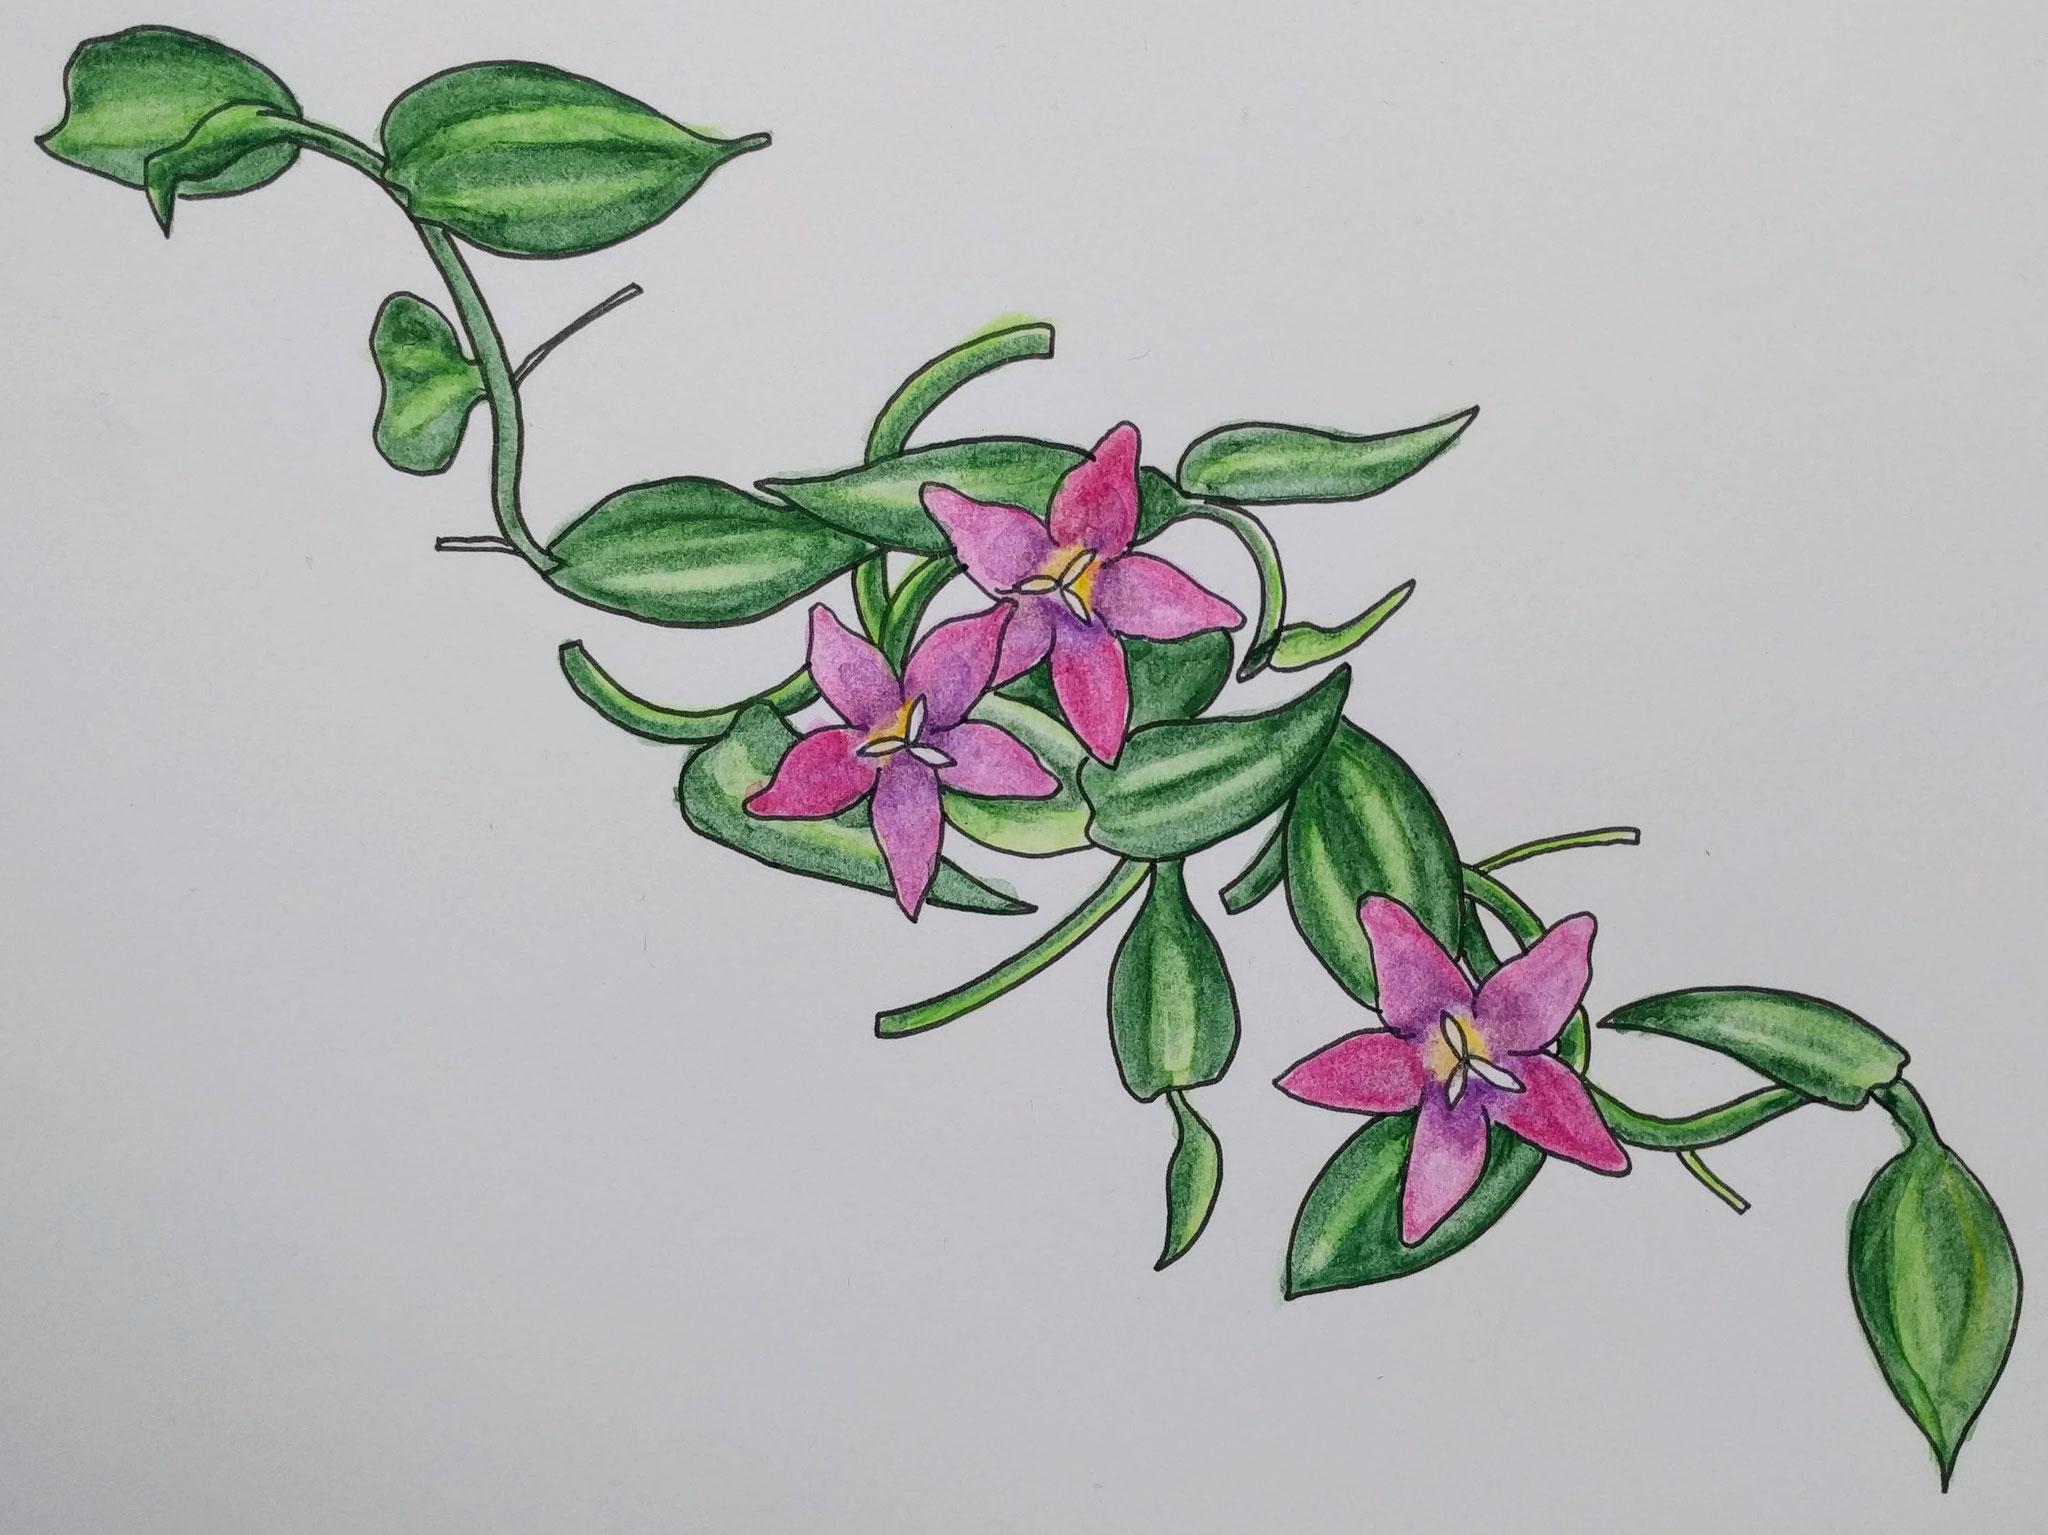 Blütenranke (Zeichenpapier, 21x29cm)